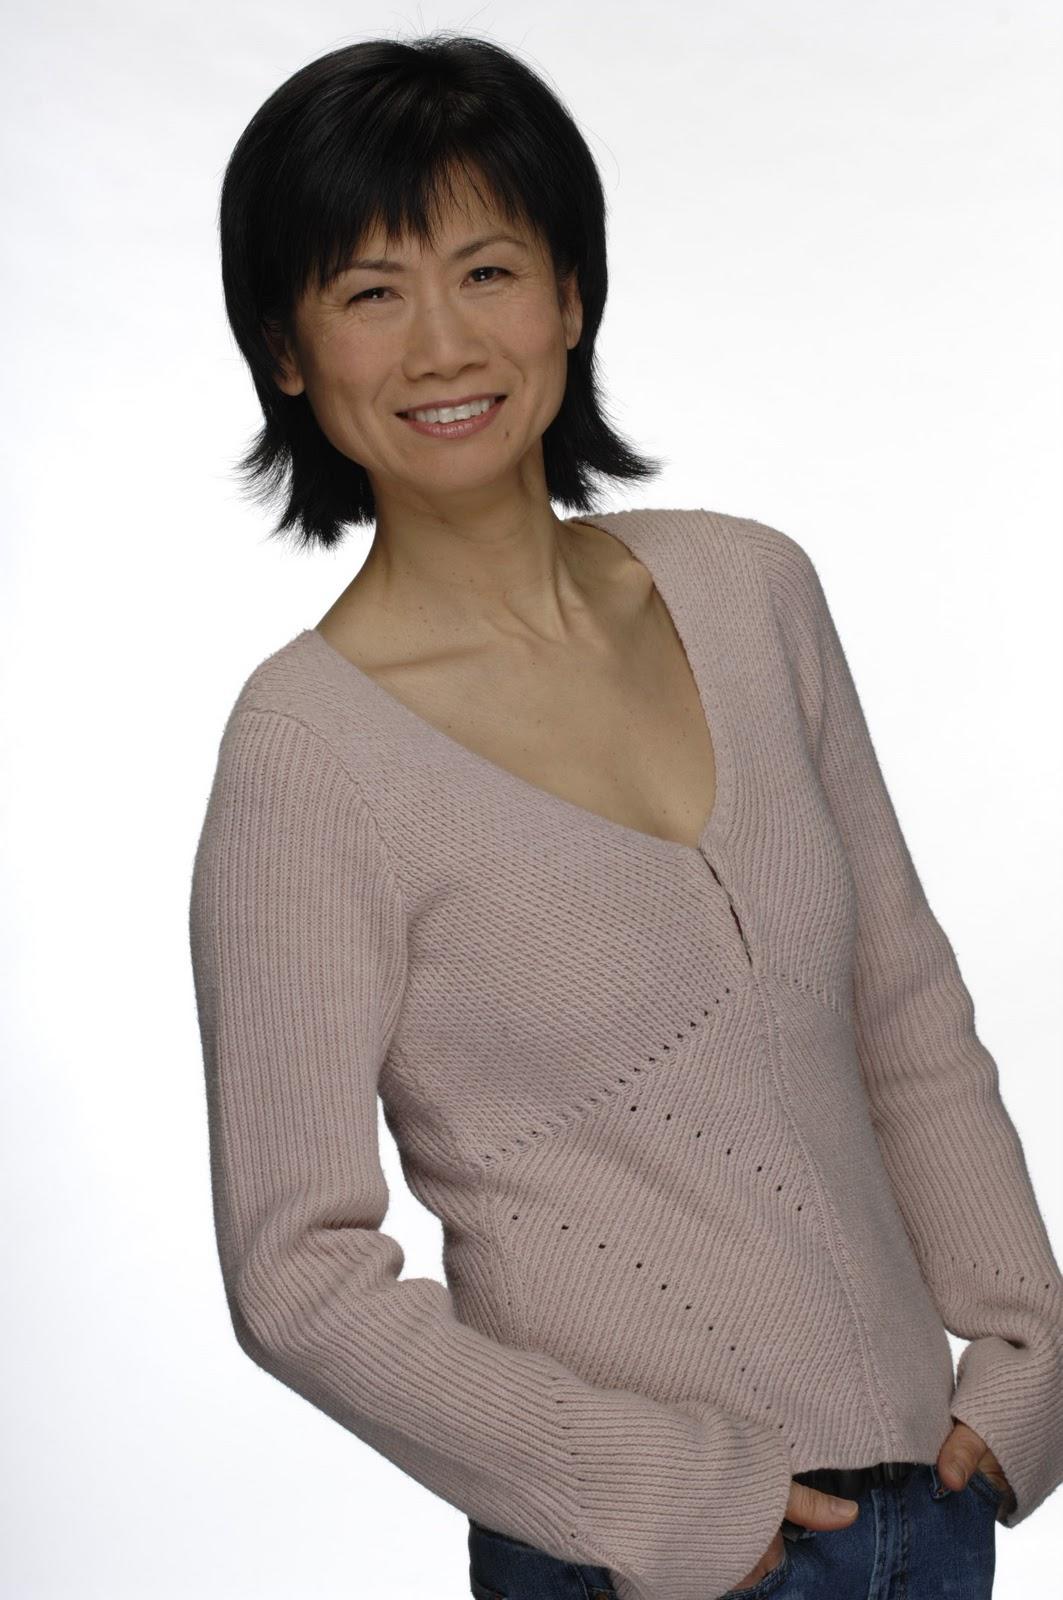 Breaking Silences Project: Asian American Women Speak Out